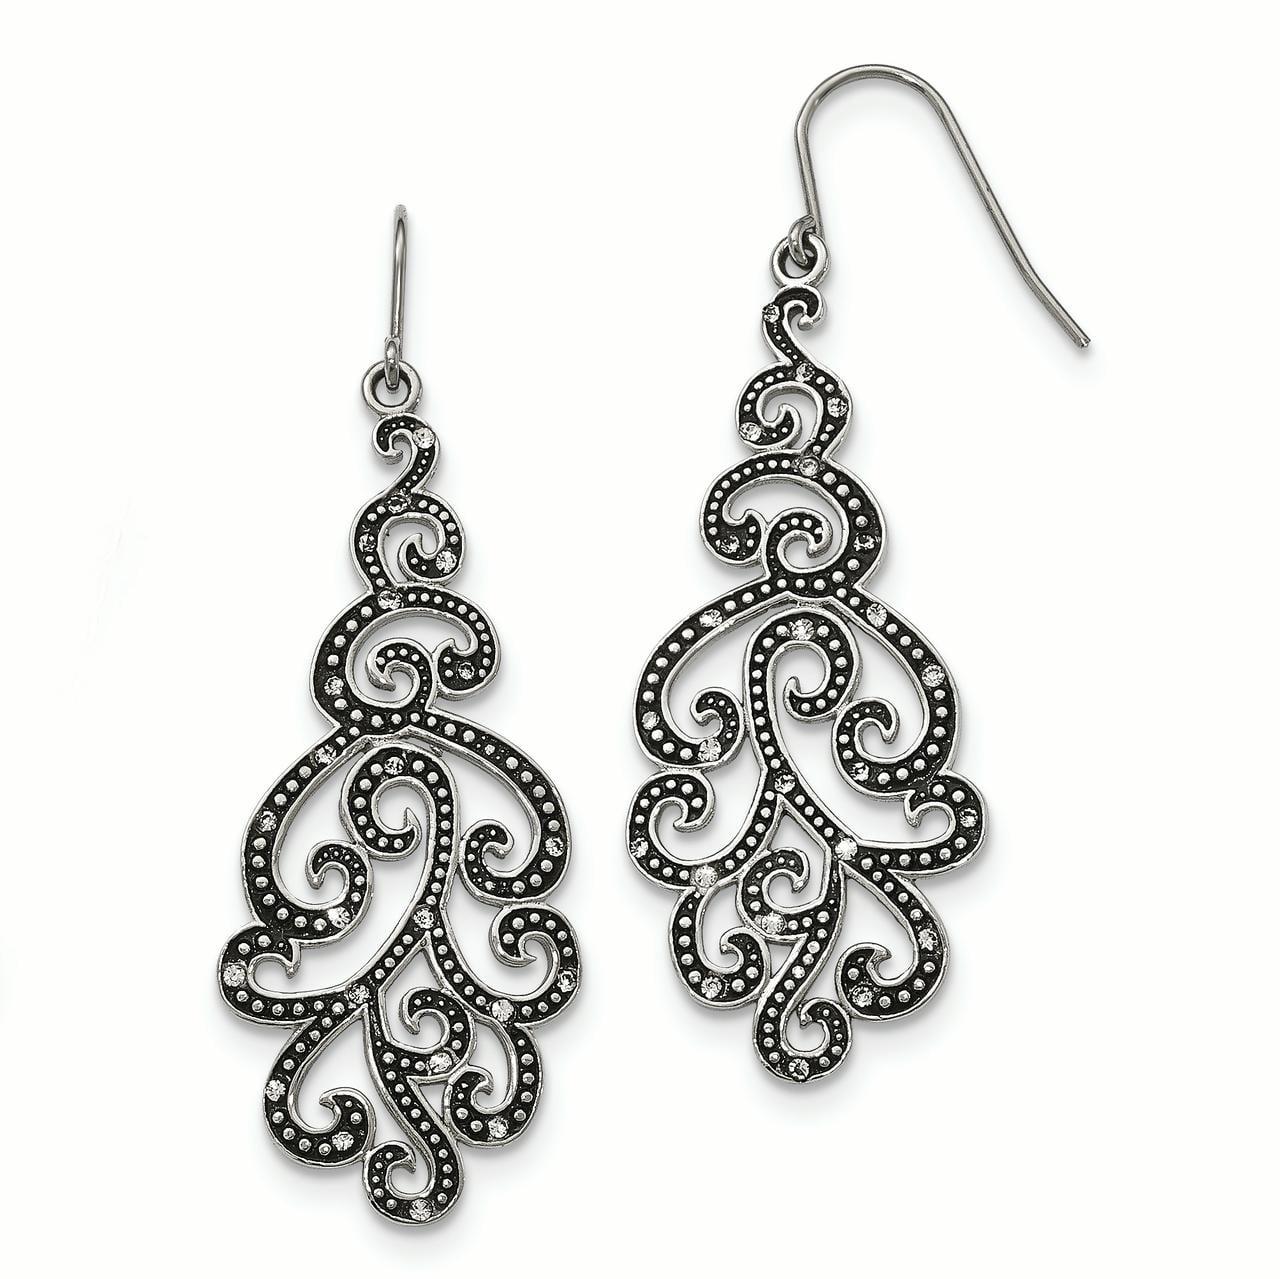 Stainless Steel Polished Antiqued Crystal Shepherd Hook Earrings - image 4 of 4